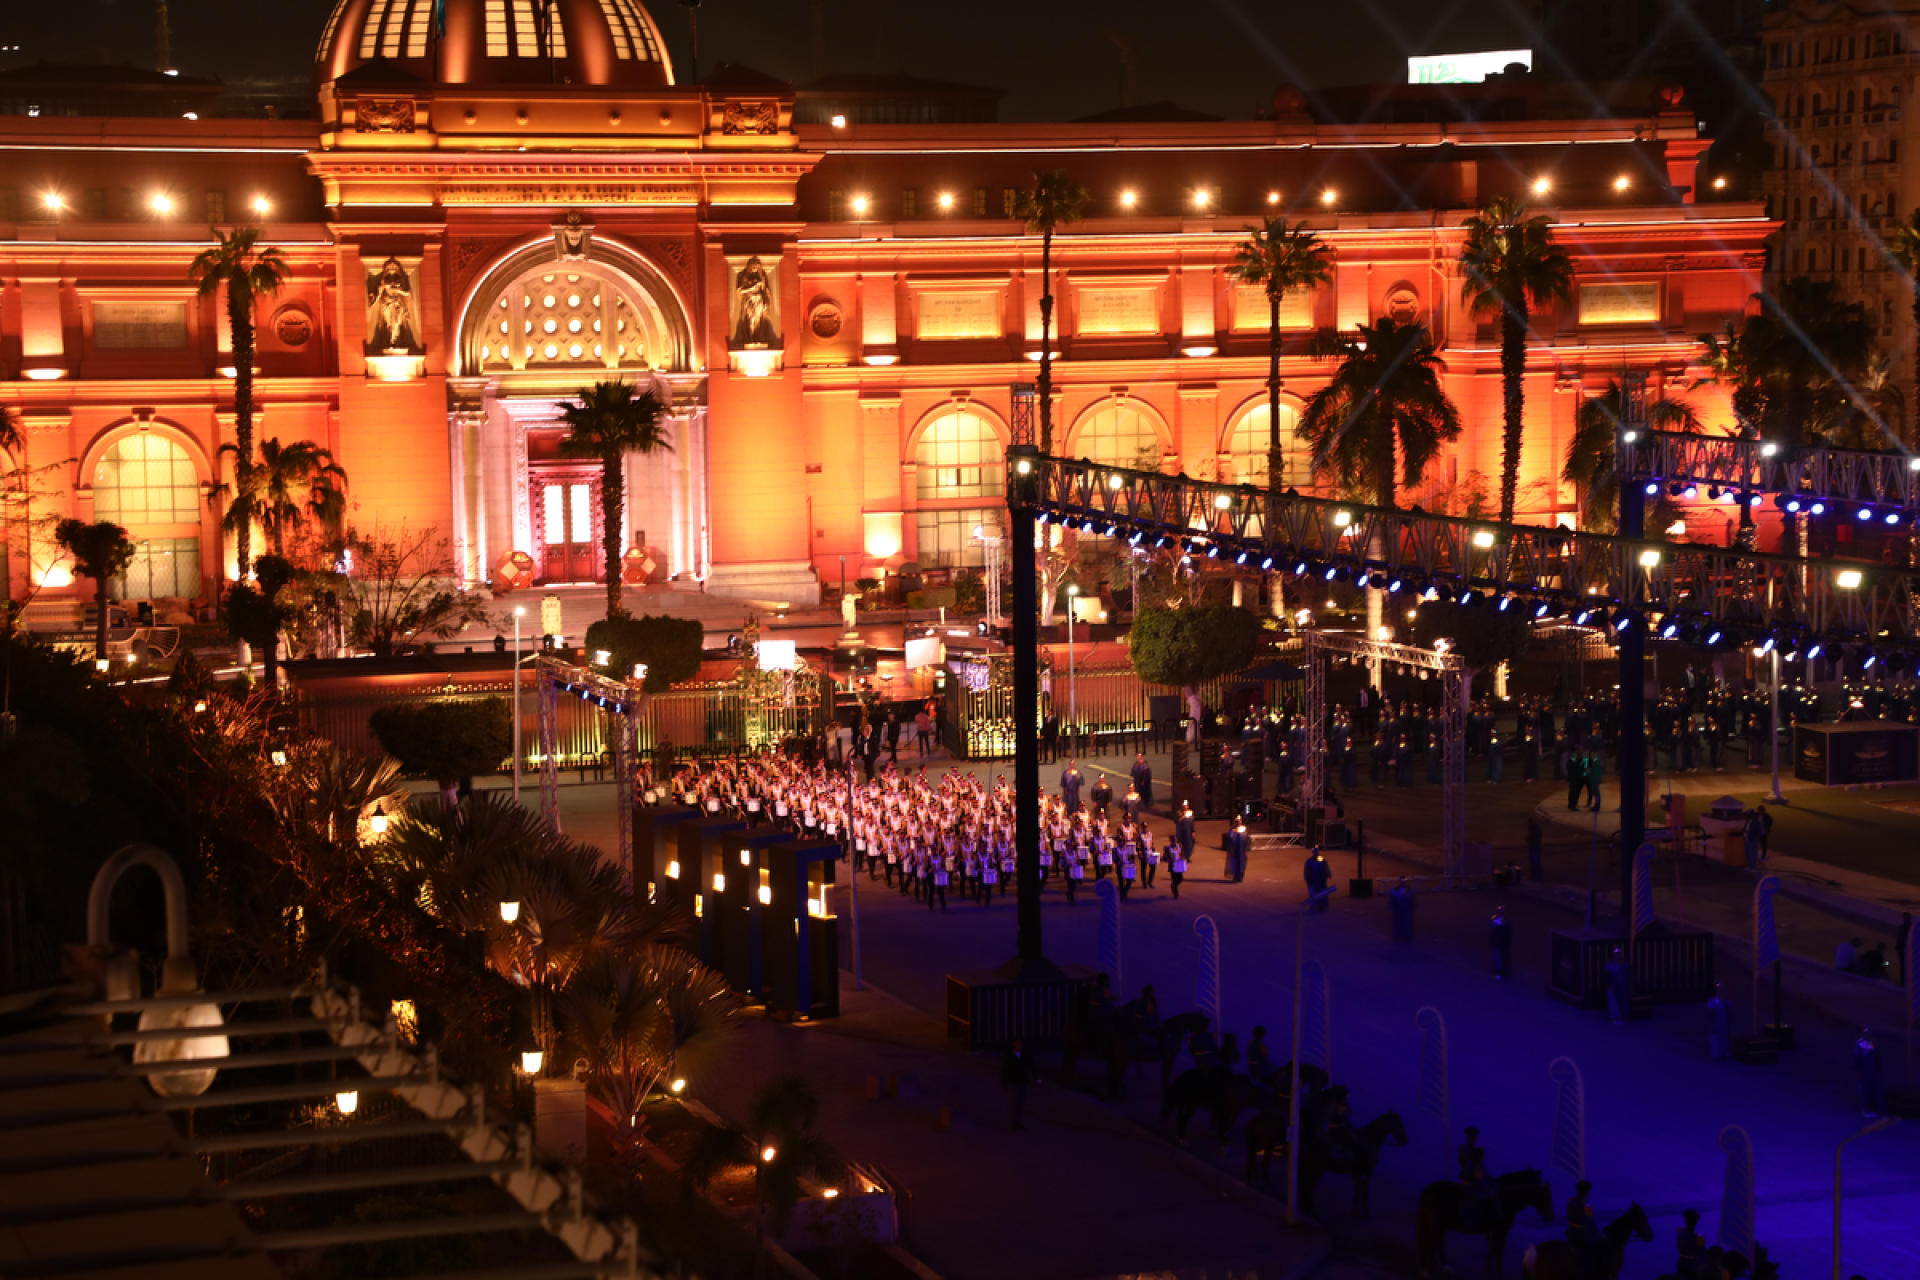 La fanfare ouvre la cérémonie, au Caire le 3 avril 2021.